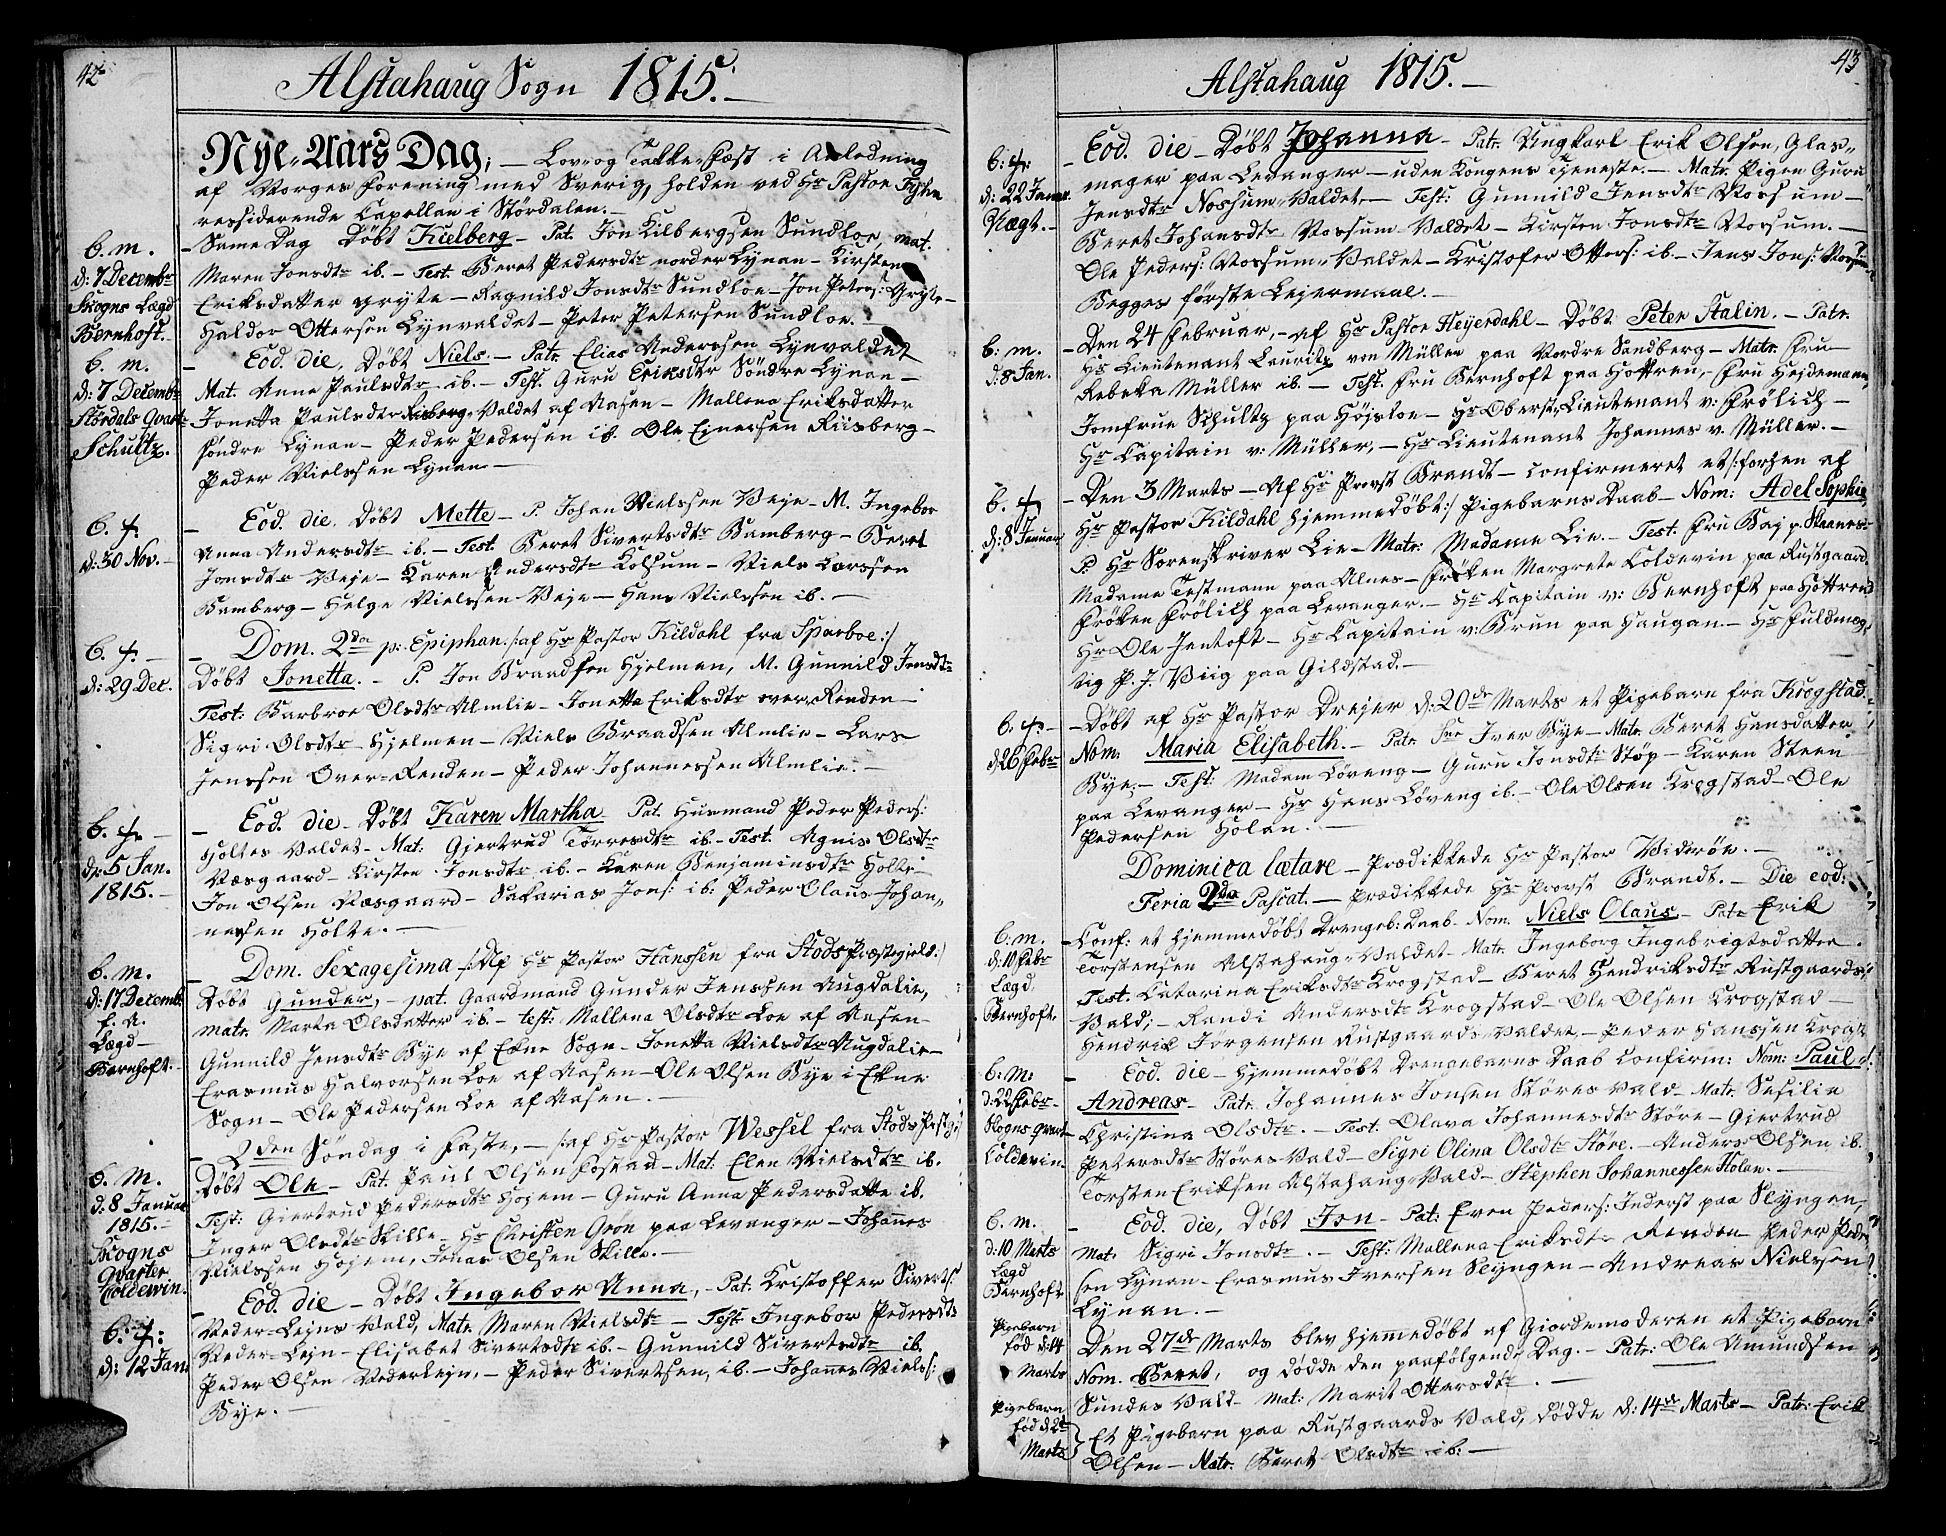 SAT, Ministerialprotokoller, klokkerbøker og fødselsregistre - Nord-Trøndelag, 717/L0145: Ministerialbok nr. 717A03 /1, 1810-1815, s. 42-43